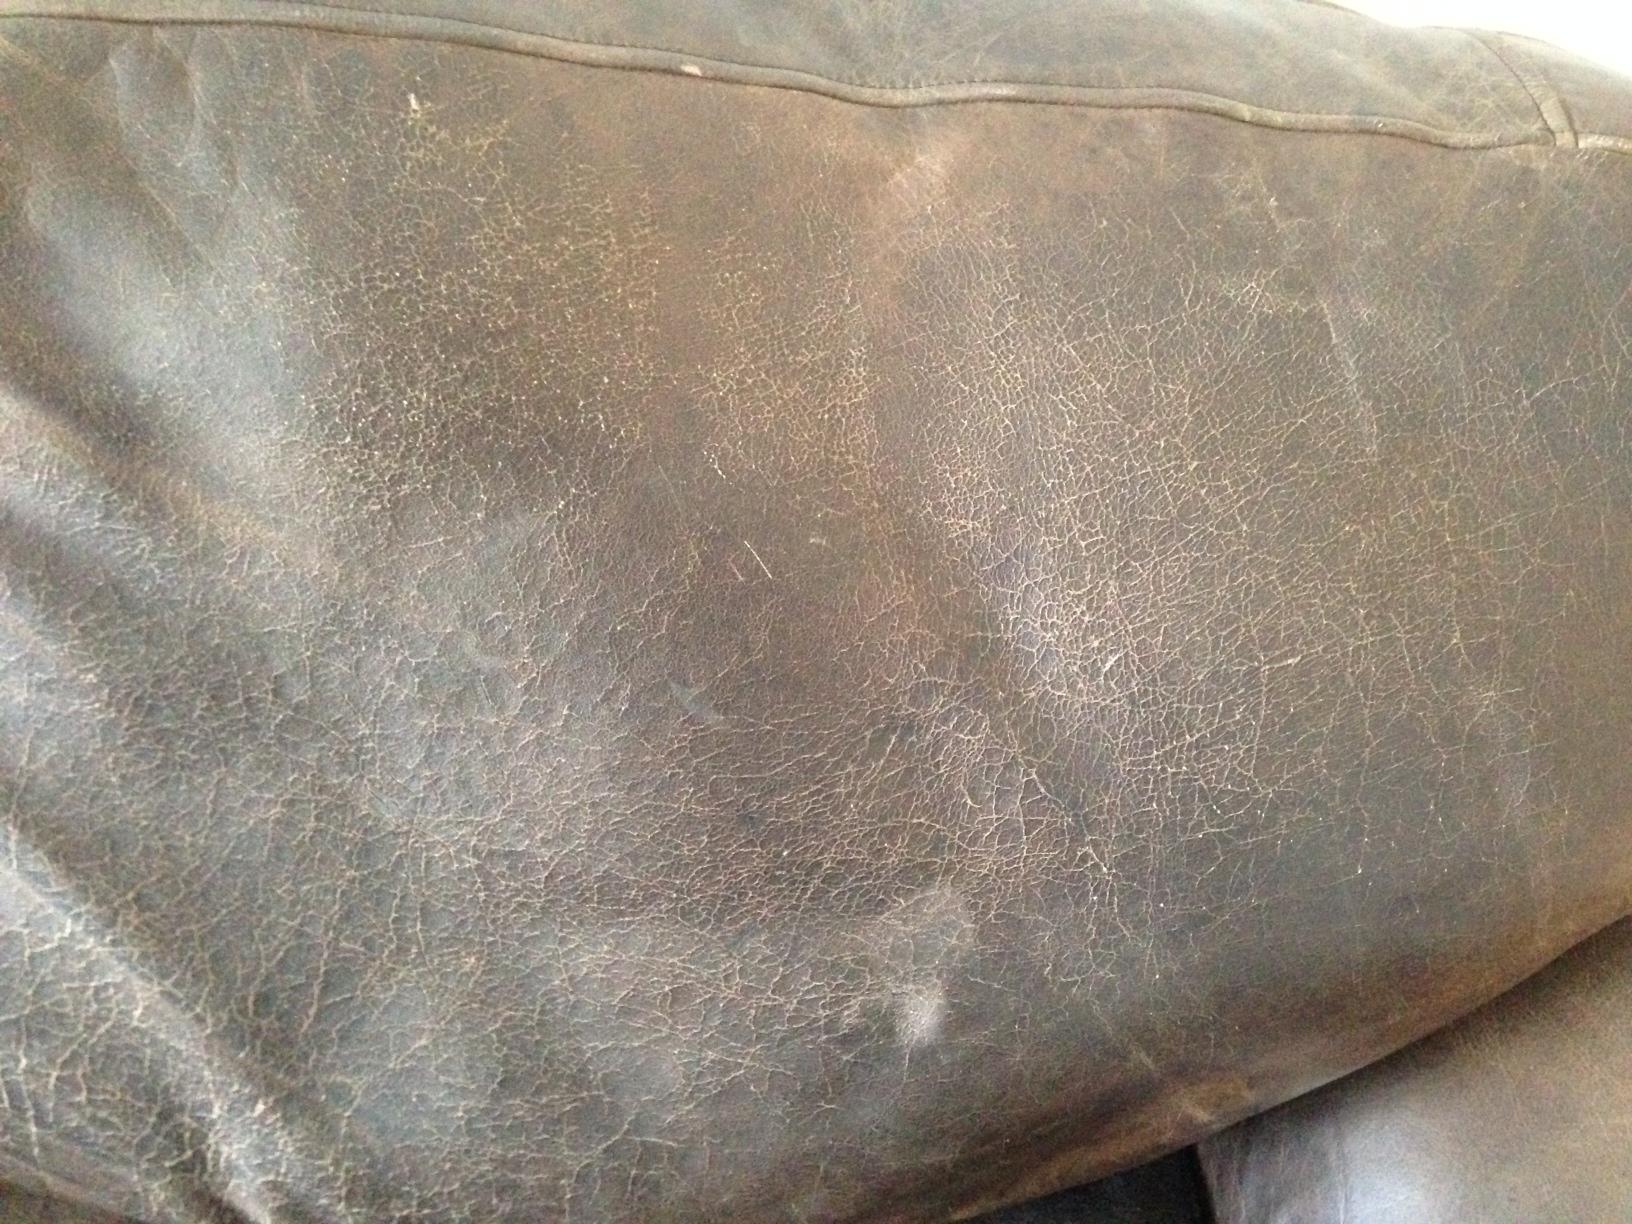 Aniline Wax Pull up Leather Sofa body oils heavy smoke  : attachment from www.leathercleaningrestorationforum.com size 1632 x 1224 jpeg 903kB